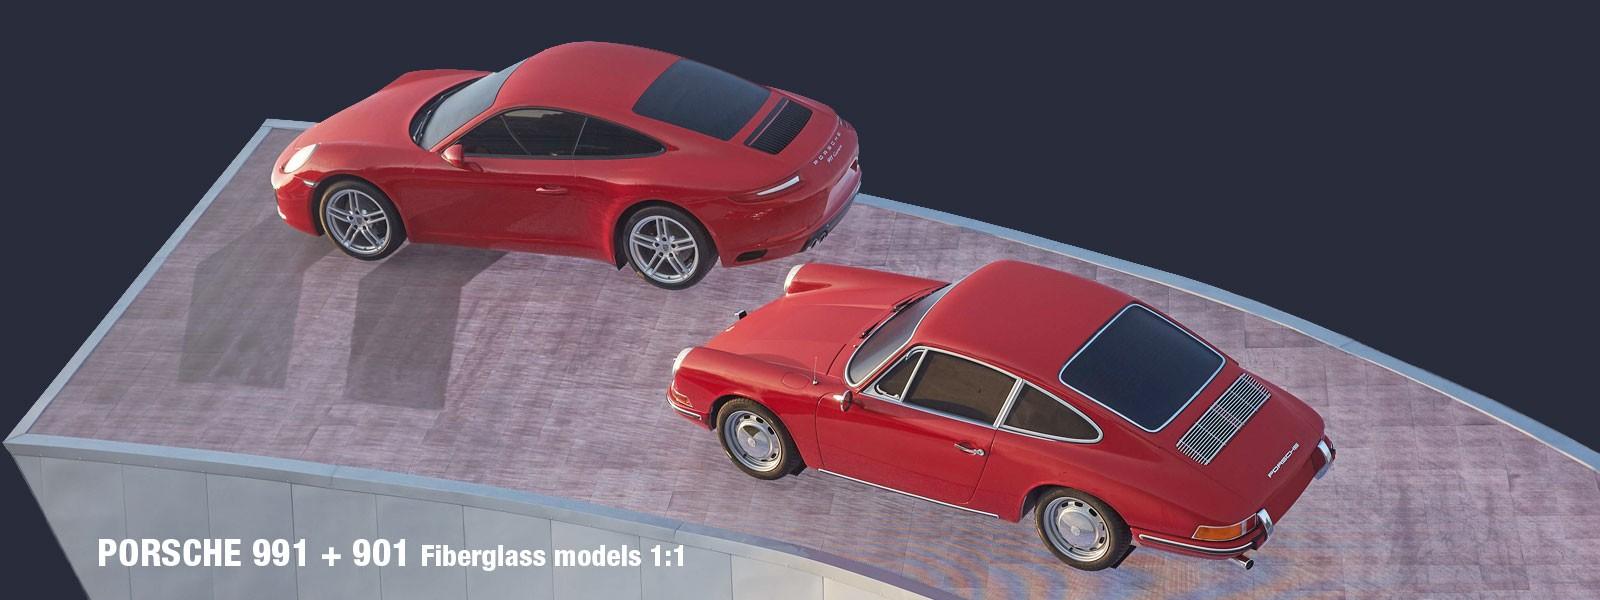 Porsche 991 und 911